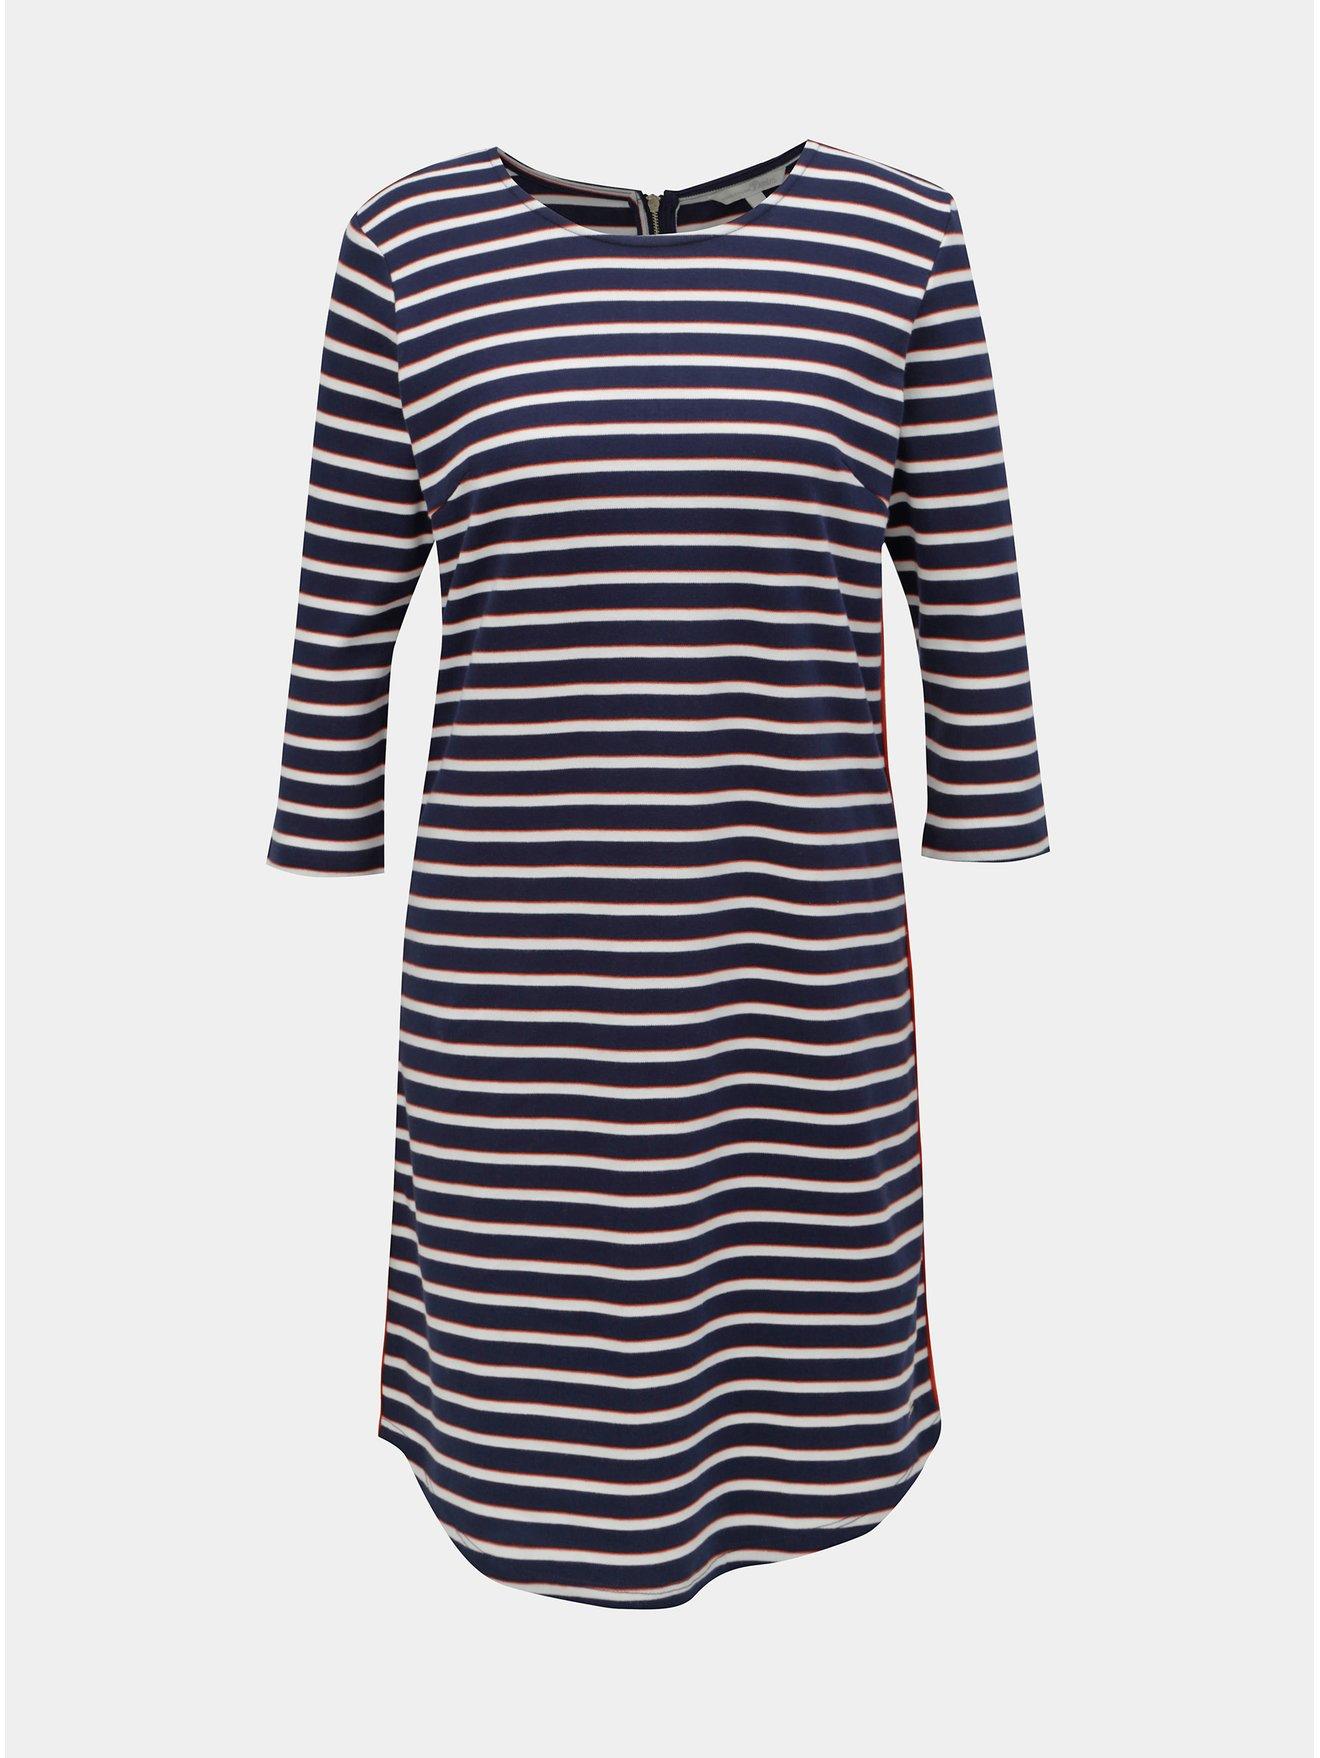 Bílo-modré pruhované šaty s 3/4 rukávem Tom Tailor Denim